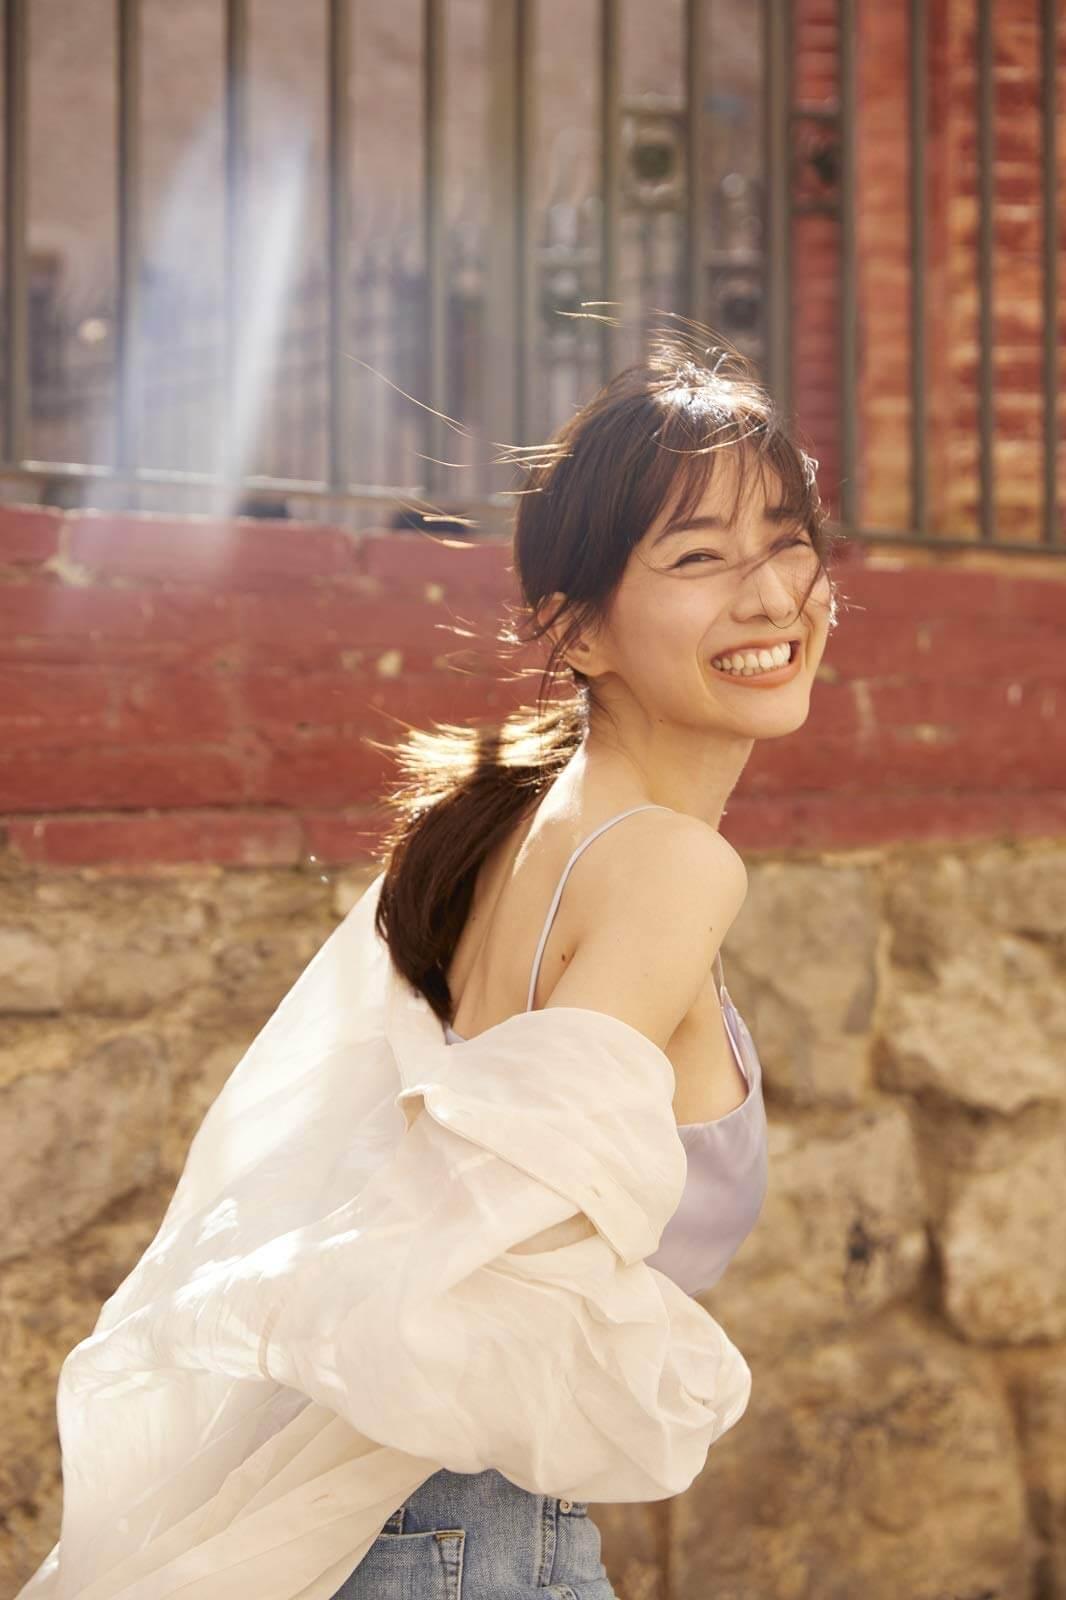 田中みな実の輝く笑顔が最高!初の写真集の一部カットが公開|大胆な下乳ショットも | Qetic